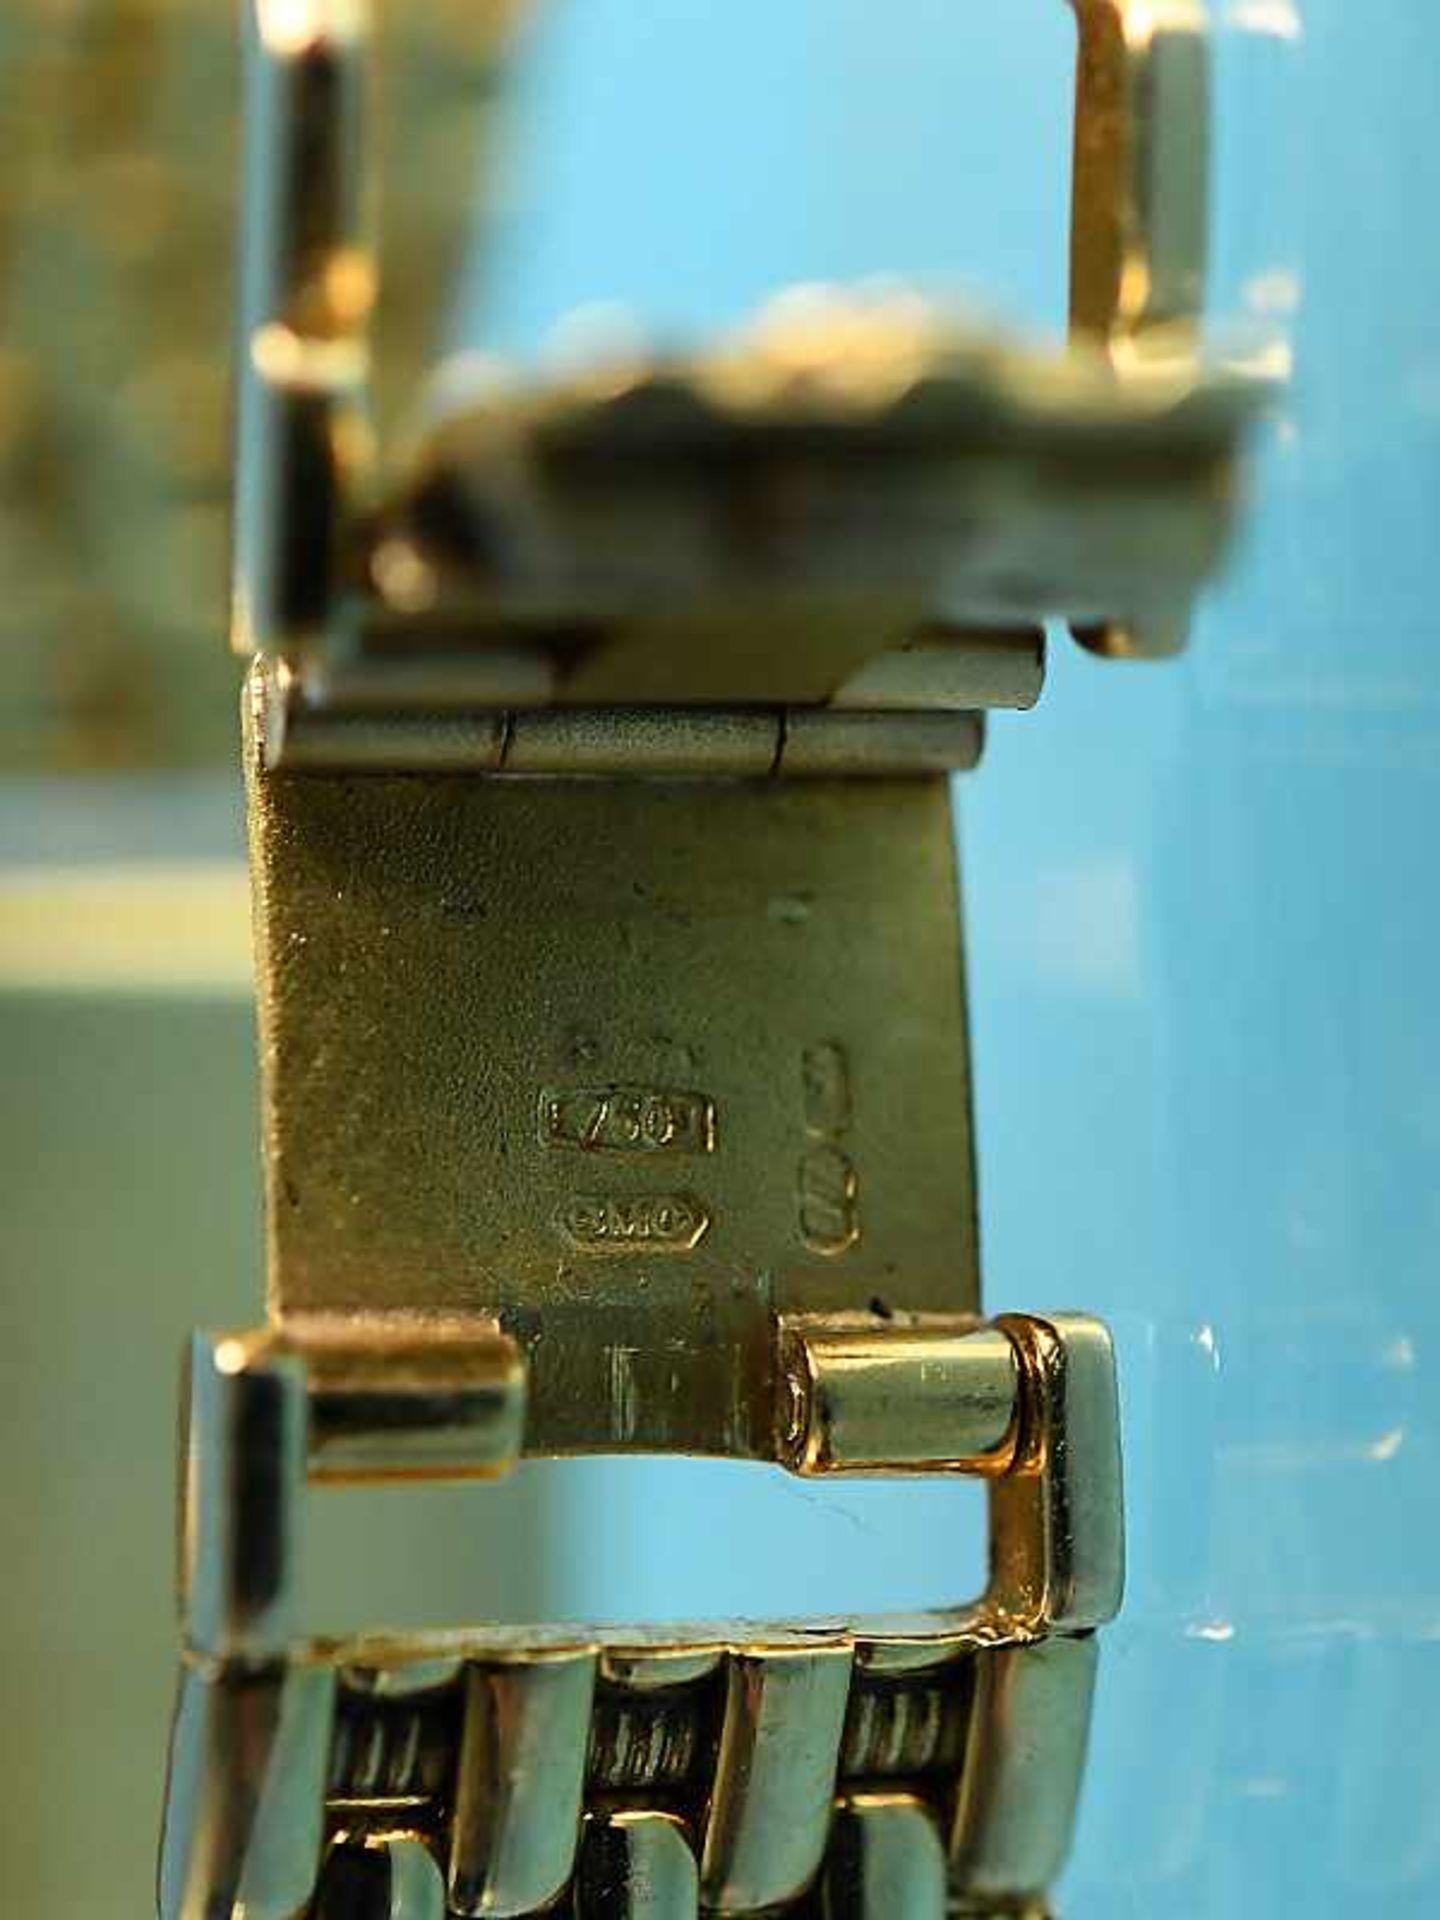 Damenarmbanduhr mit Brillanten, zusammen ca. 0,5 ct, bezeichnet Baume & Mercier, Geneve, 20. Jh. - Bild 3 aus 7